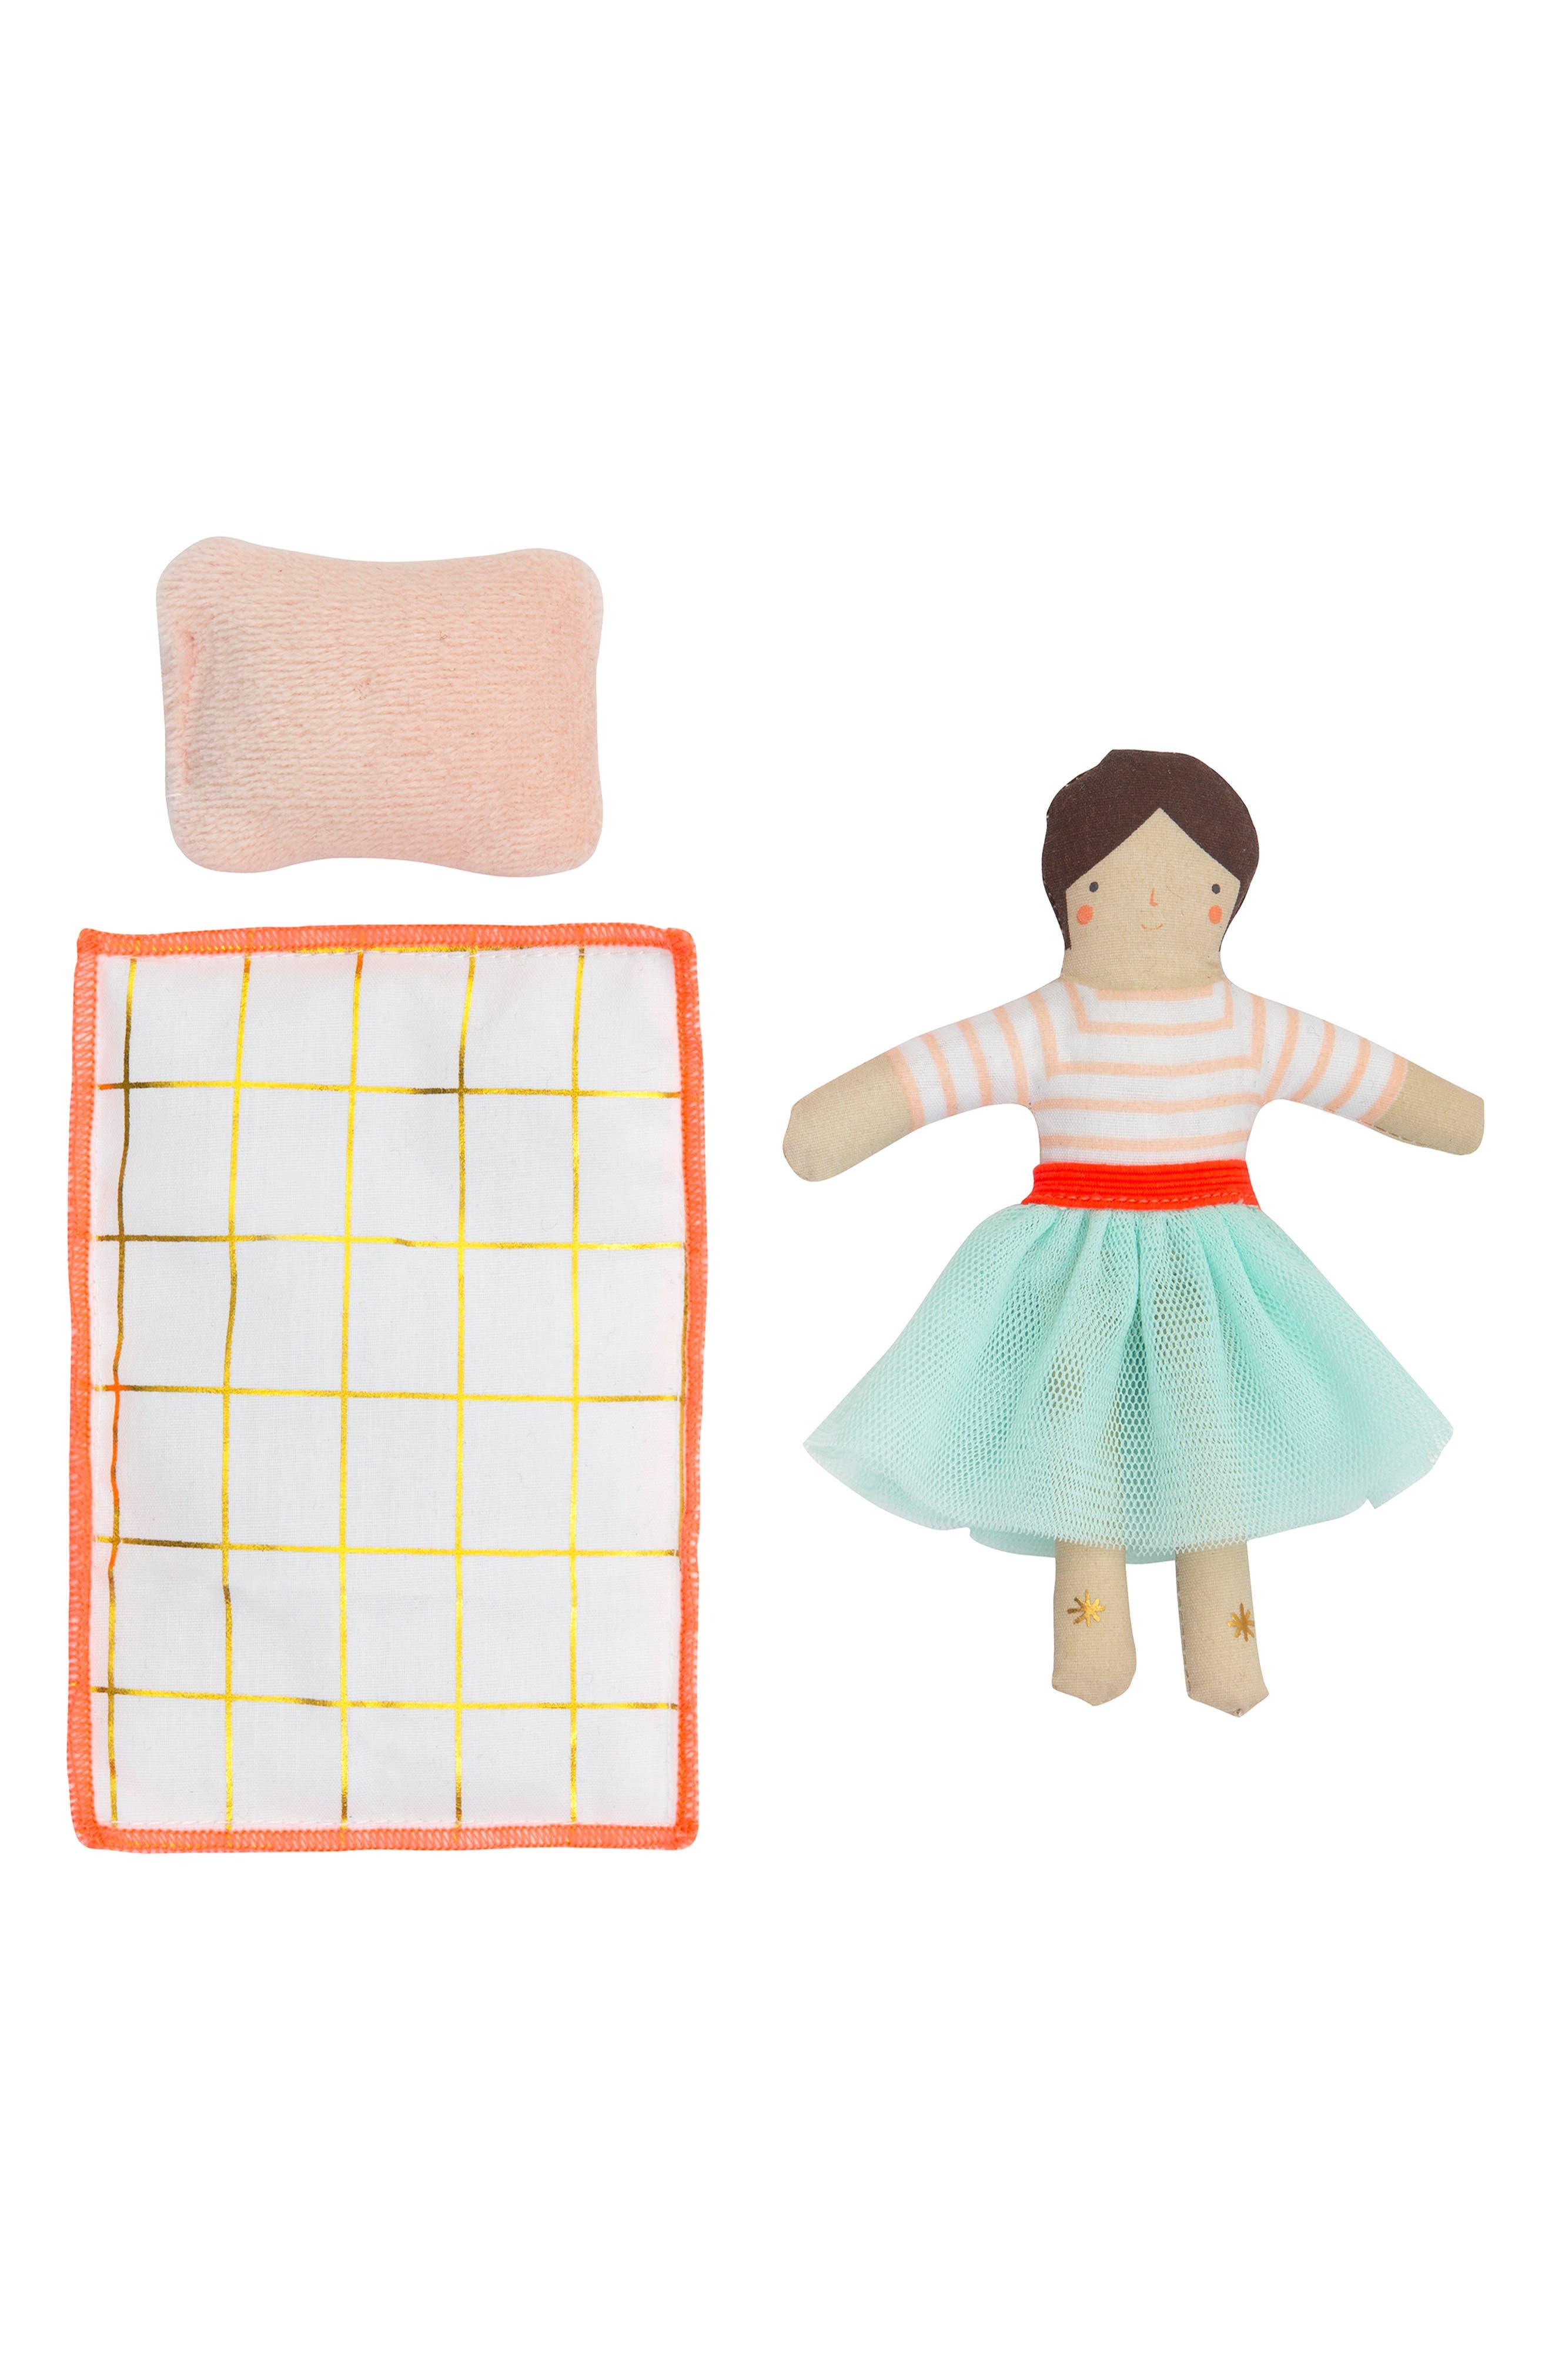 MERI MERI, Mini Lila Doll & Suitcase Set, Alternate thumbnail 4, color, 960